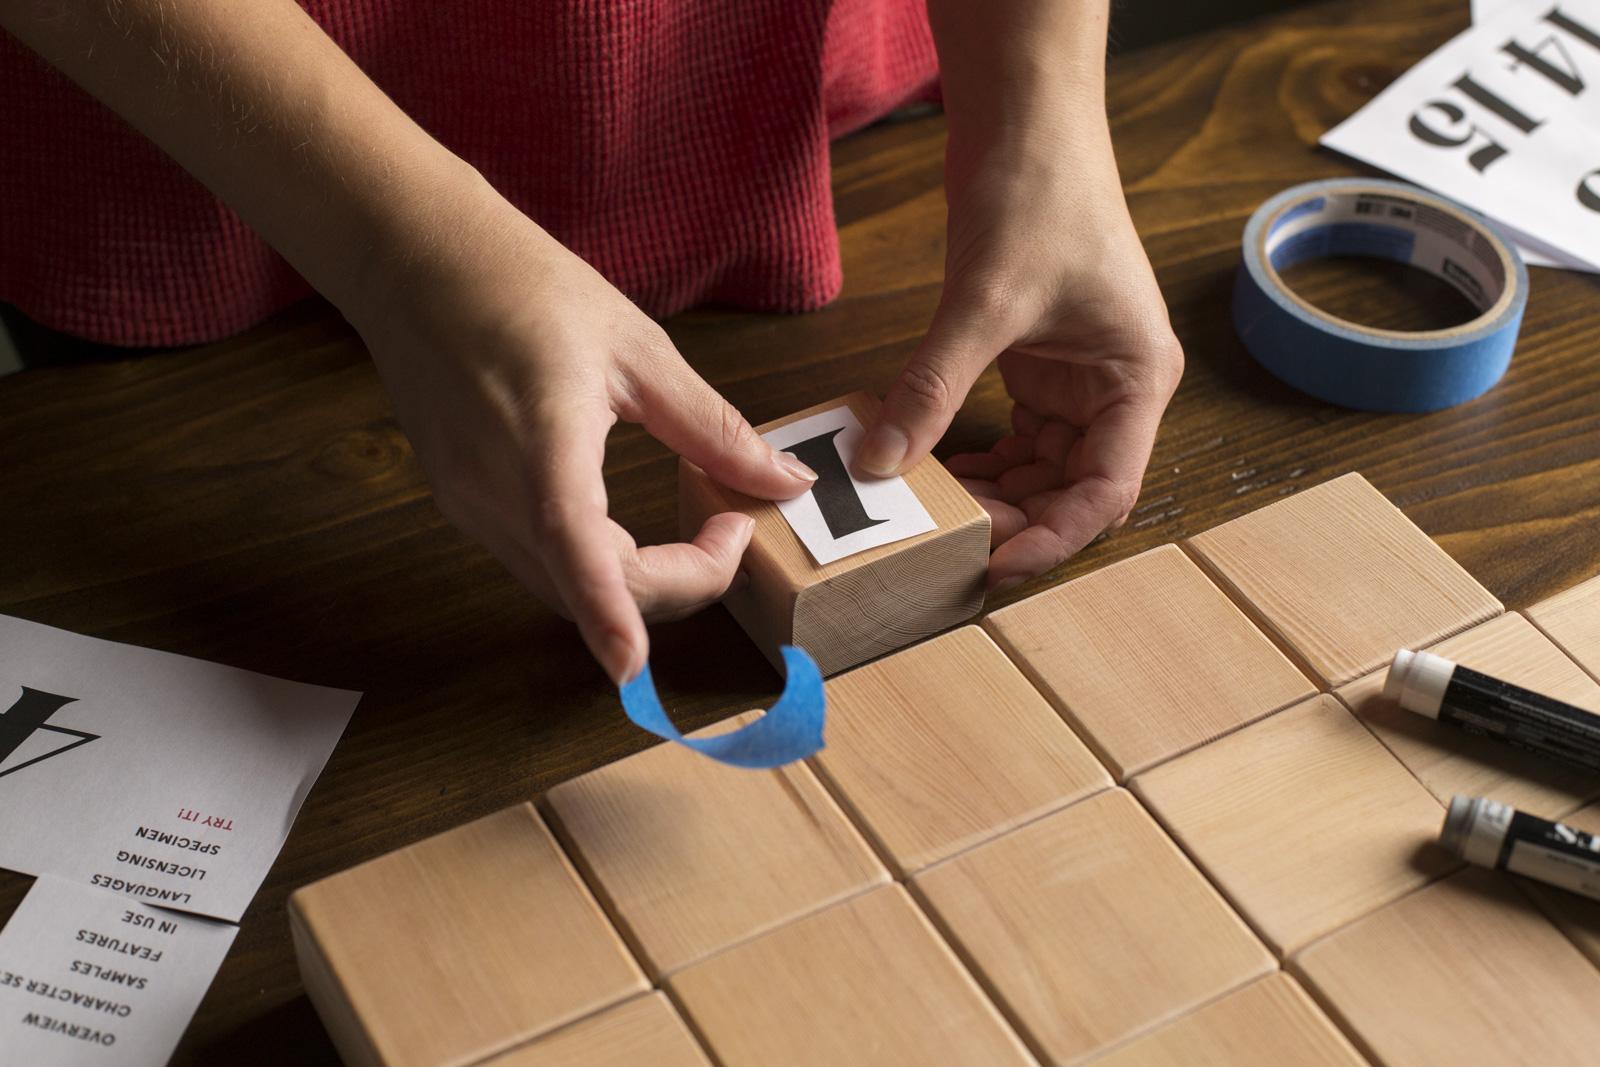 taping number on blocks